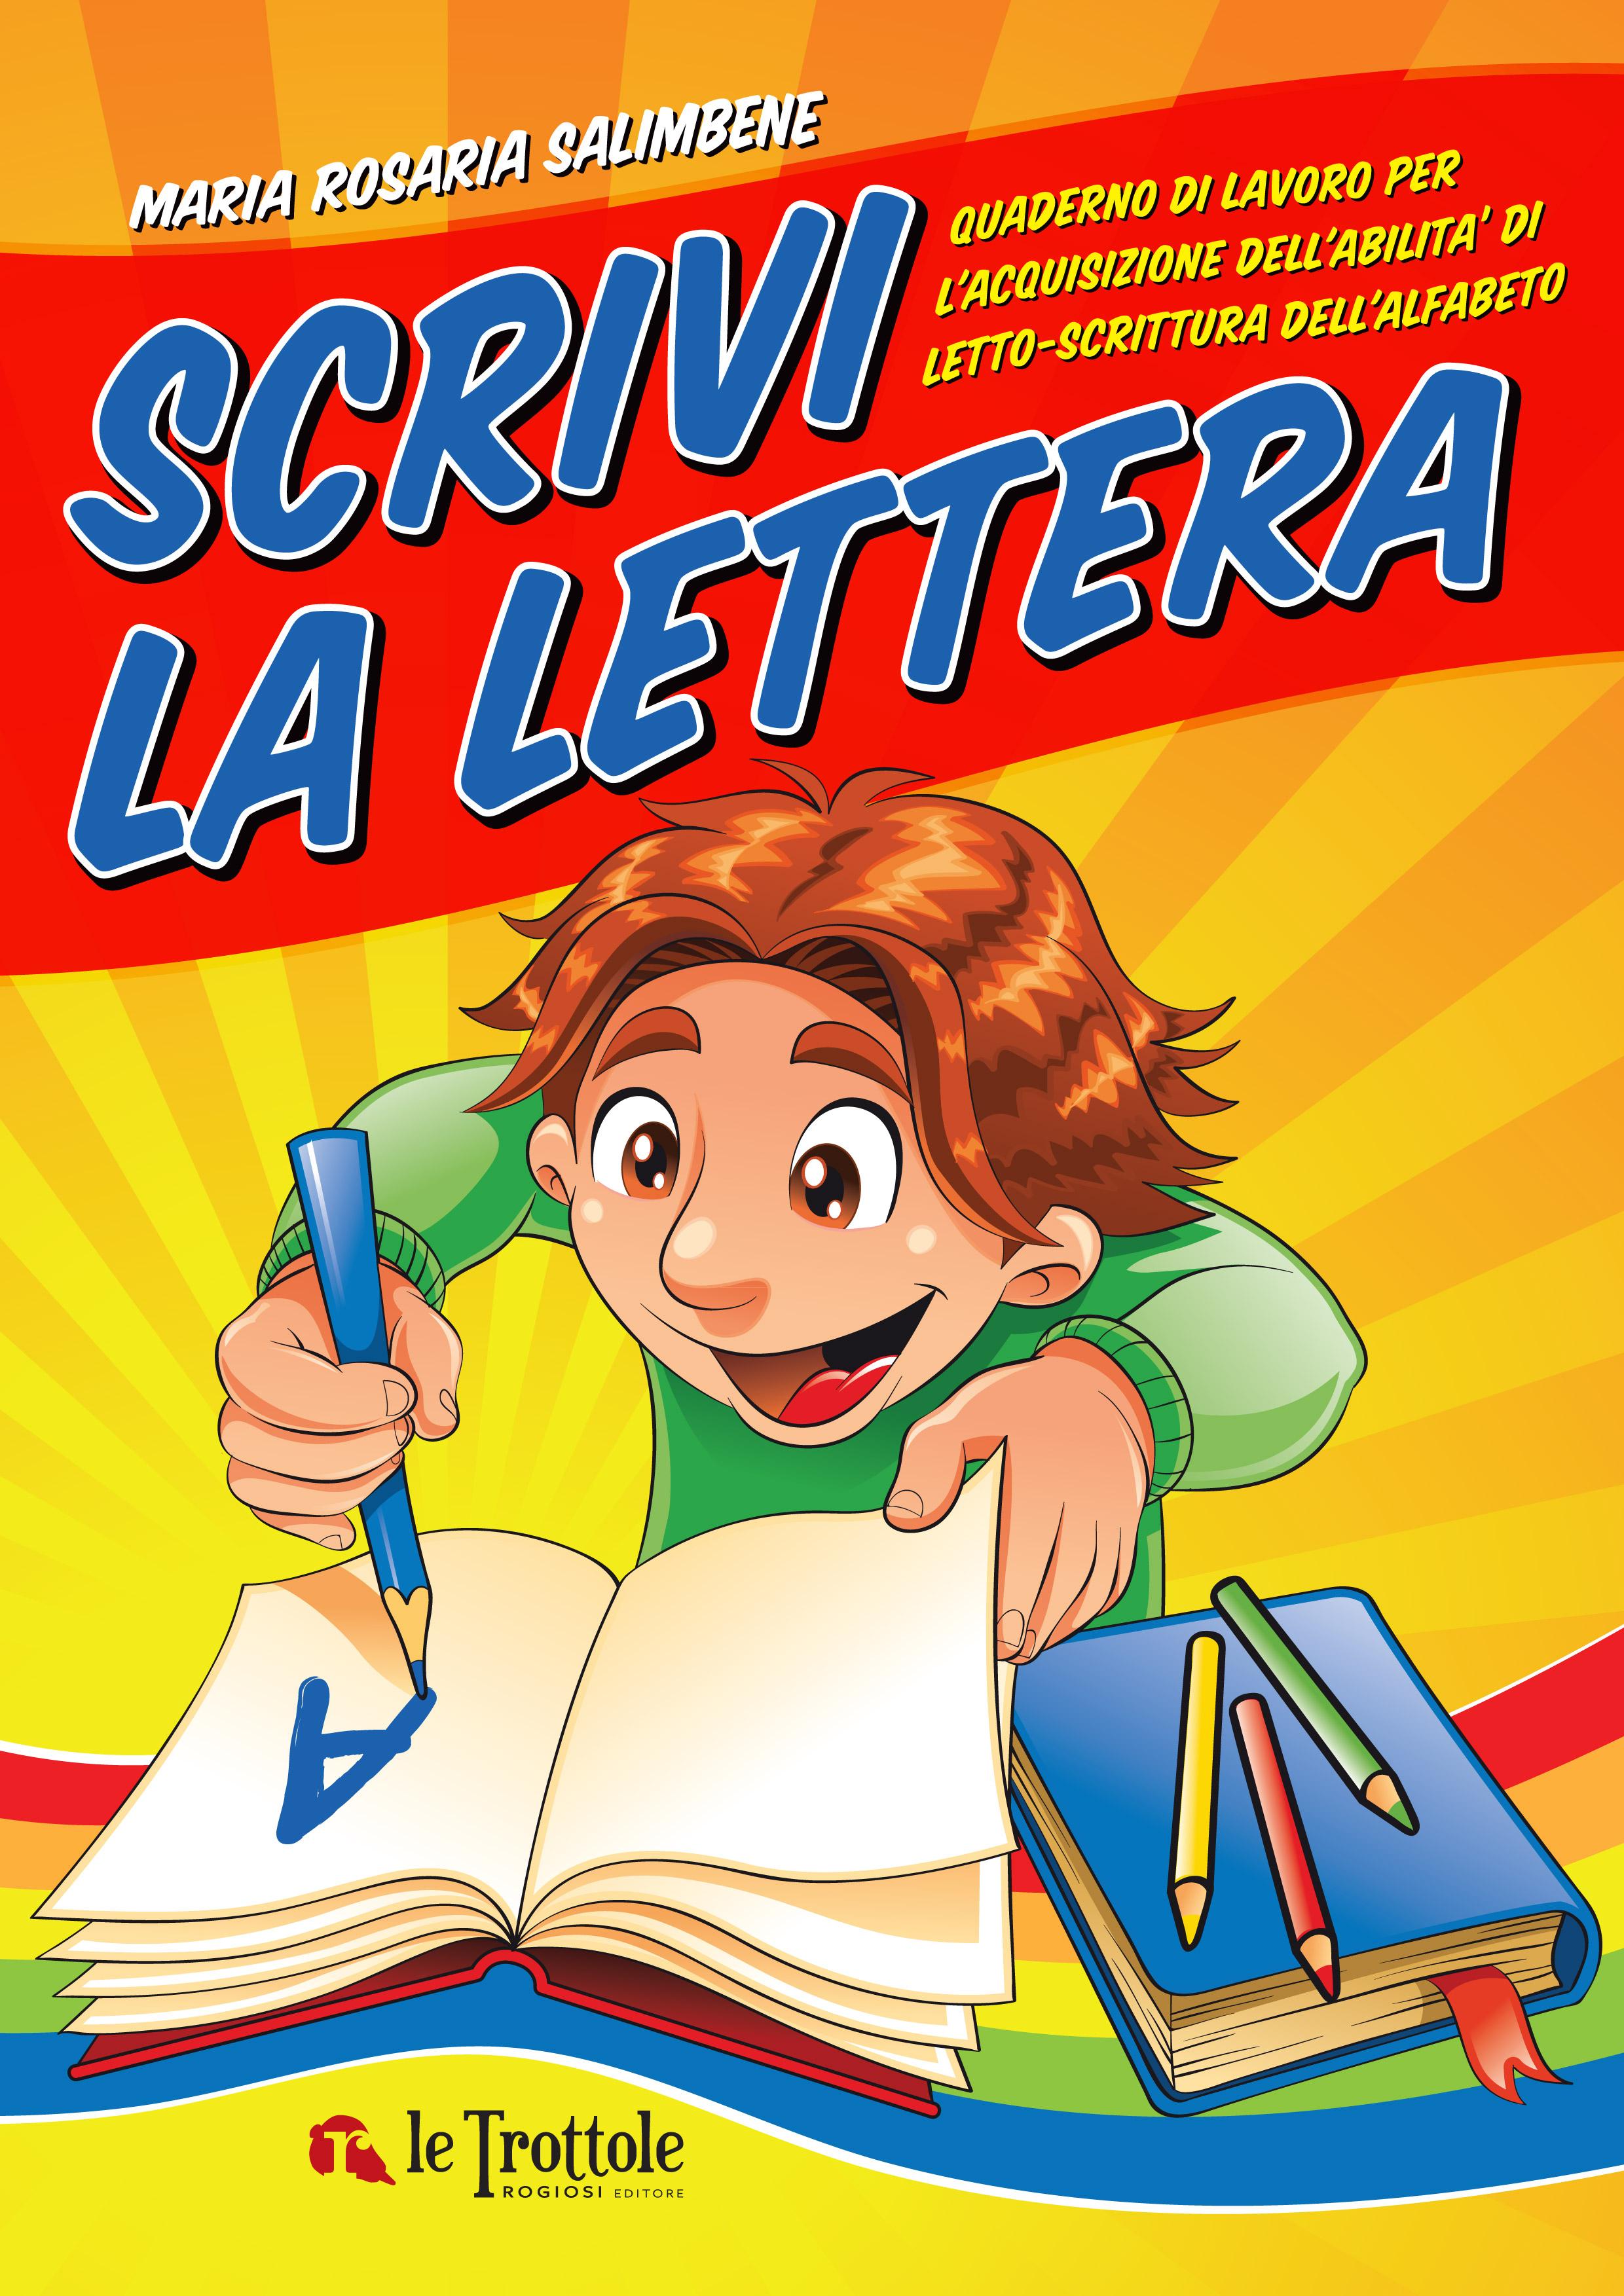 Scrivi la lettera